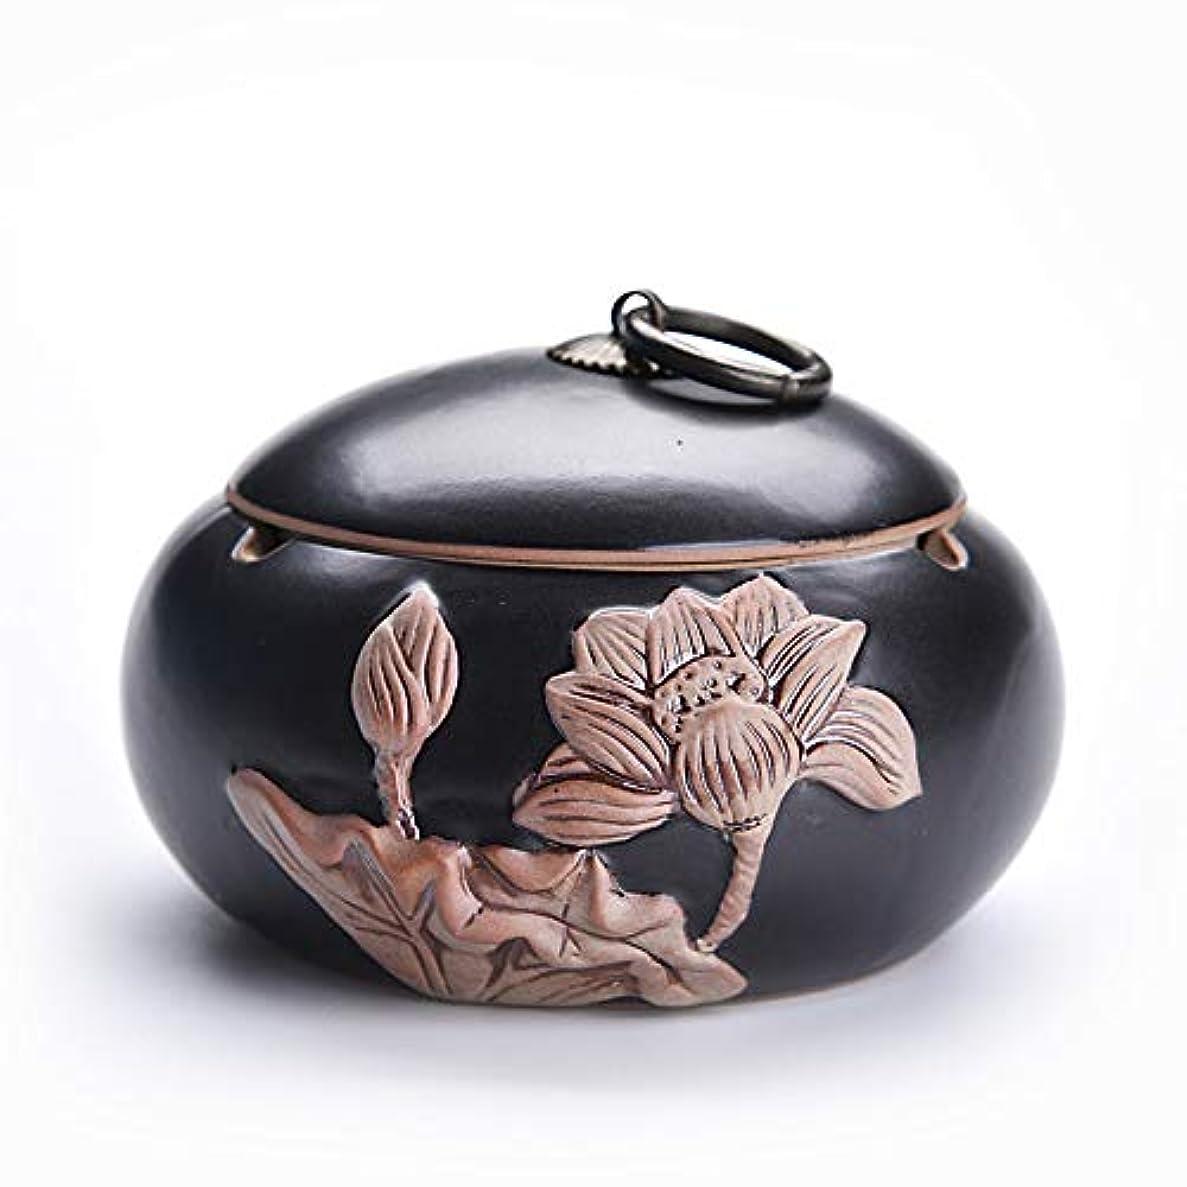 発生する出します共和党中国のレトロな創造的な鍋形セラミック灰皿ふた付き